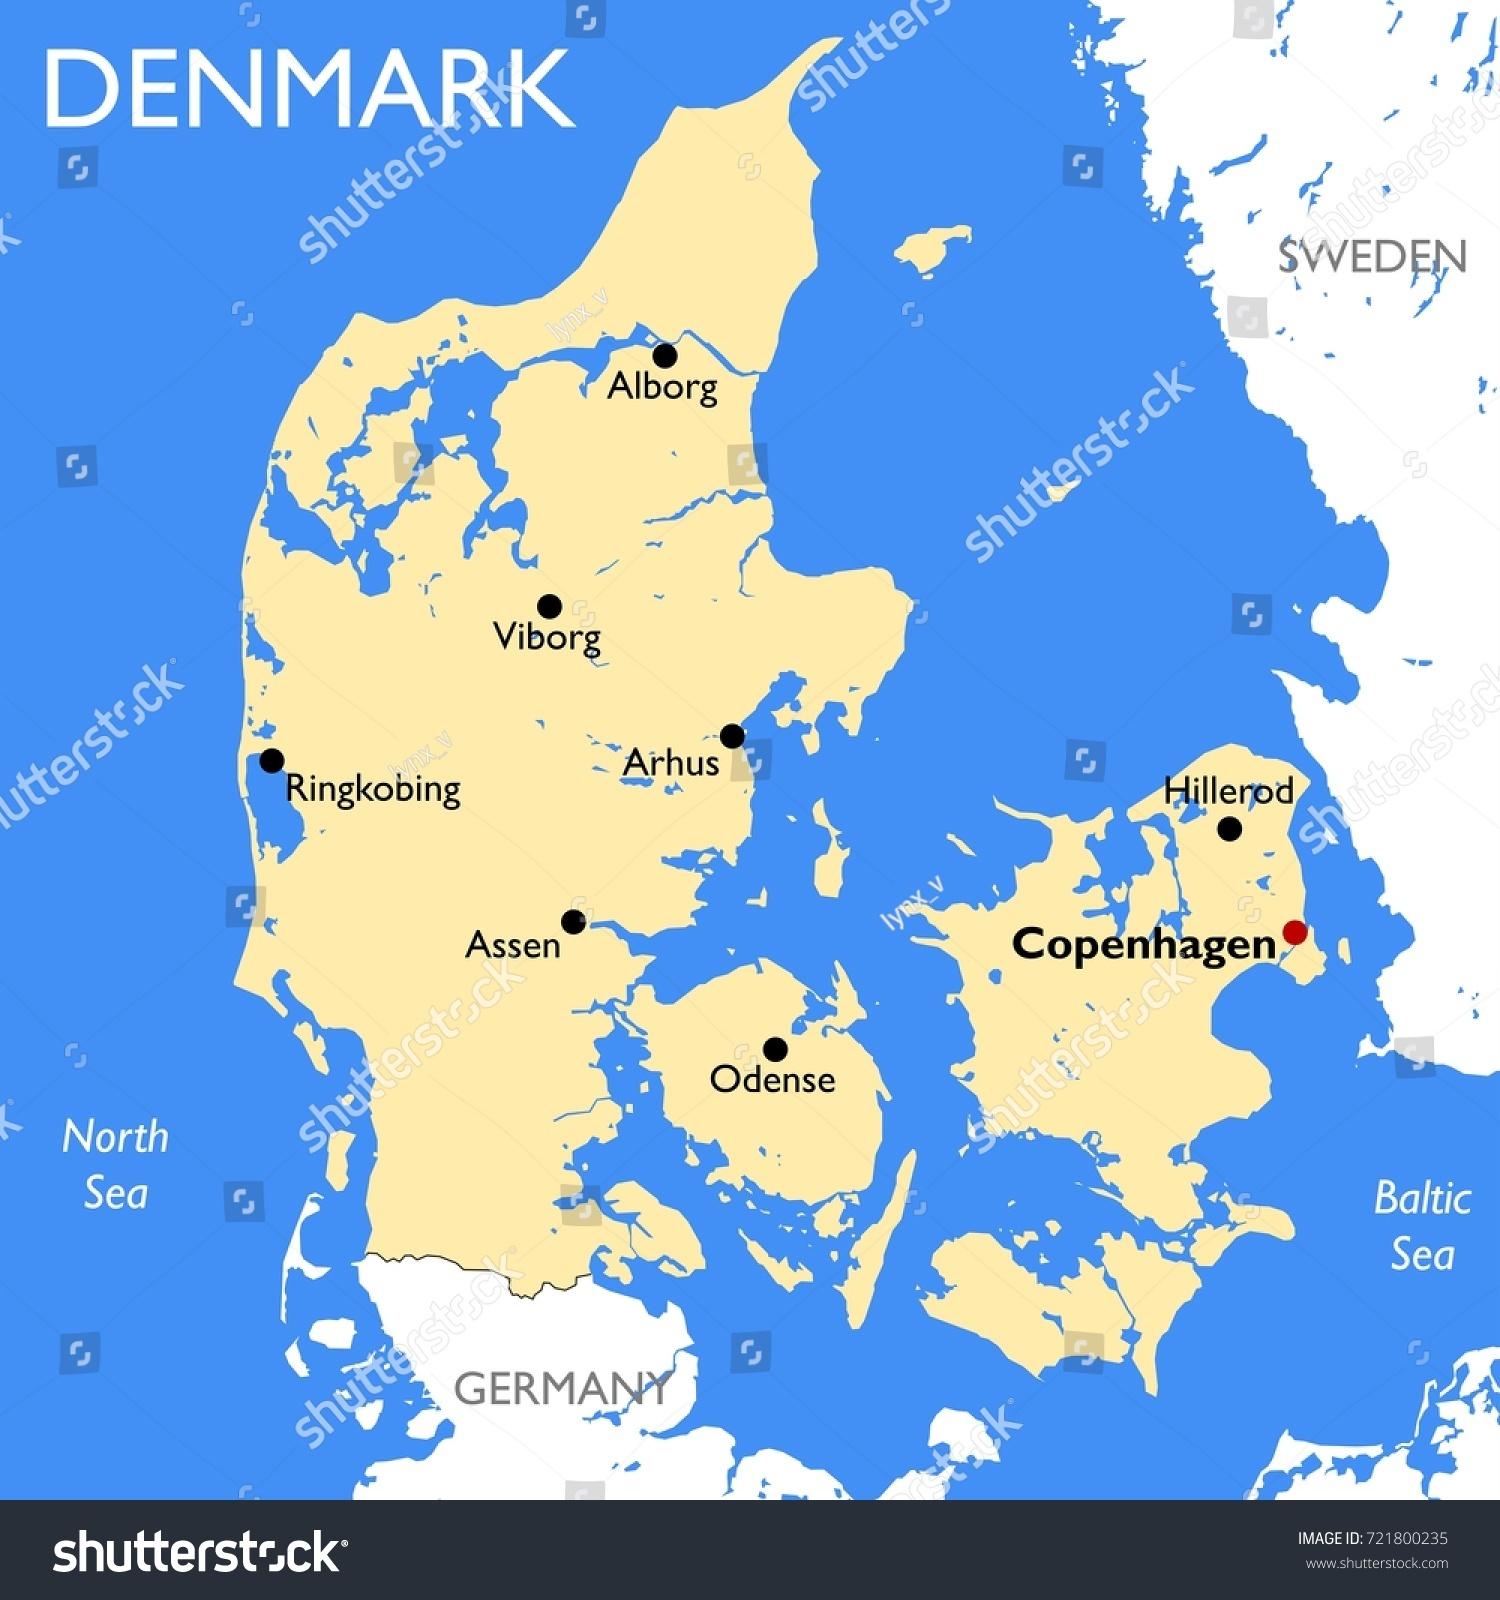 Denmark Map Vector Detailed Color Denmark Stock Vector HD Royalty